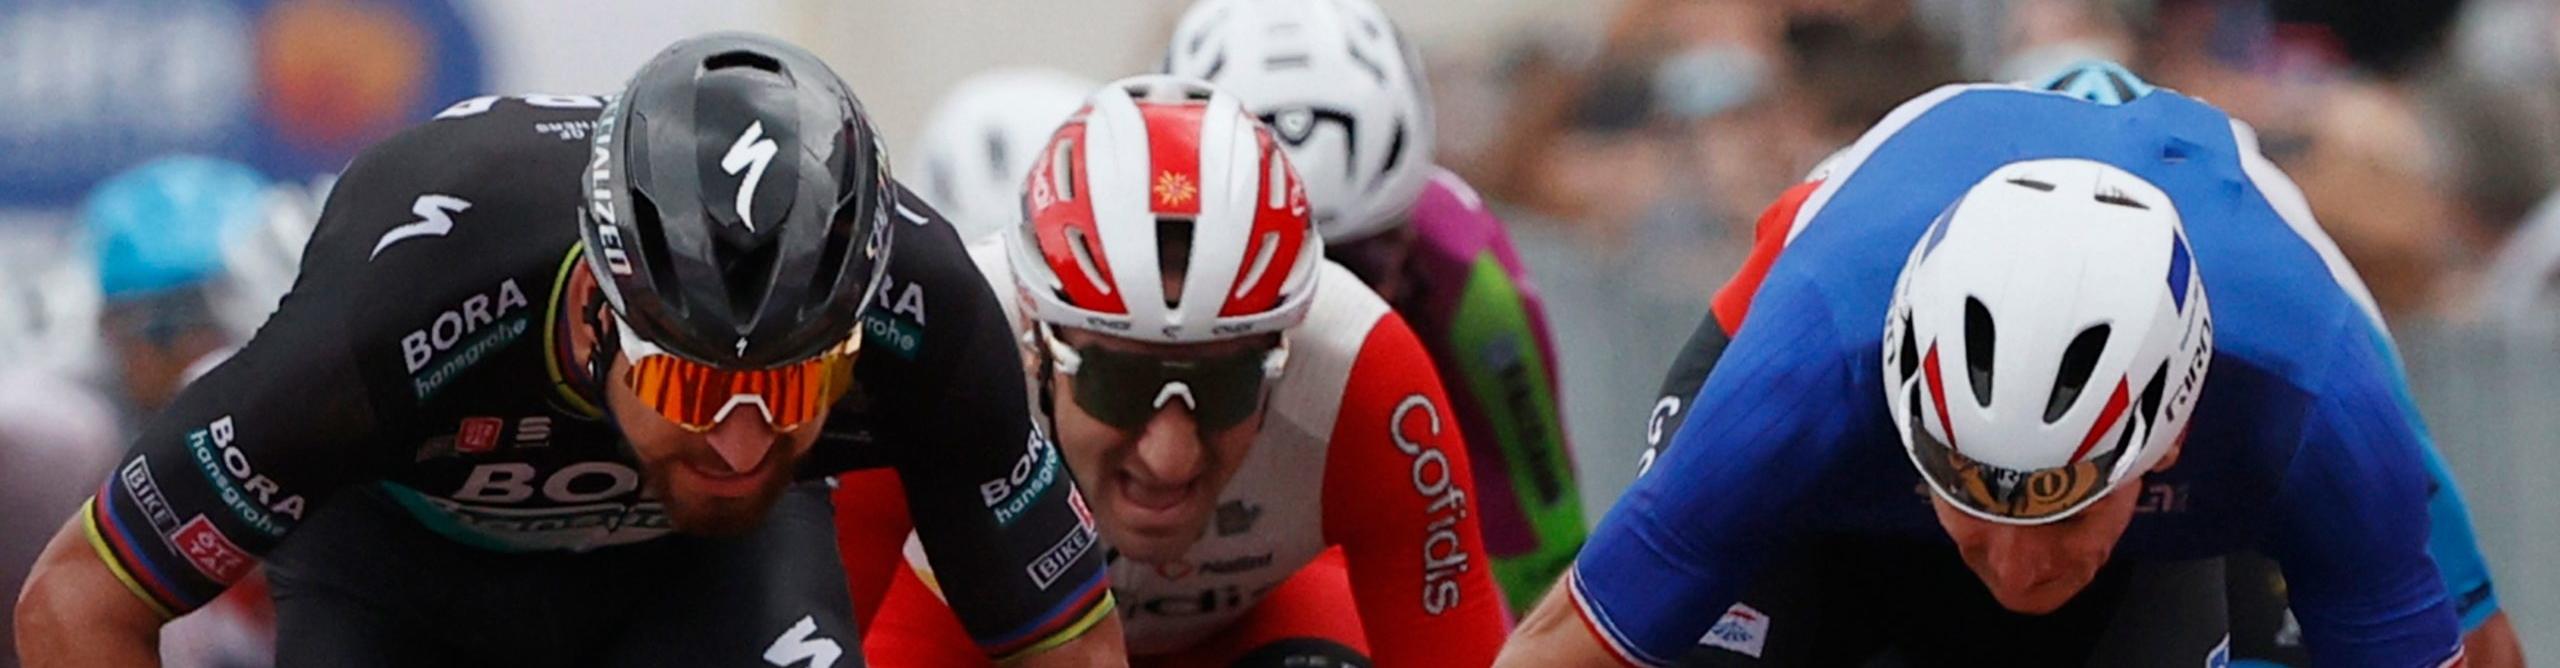 Giro d'Italia 2020, quote e favoriti per la tappa 8: ancora un duello Démare-Sagan?